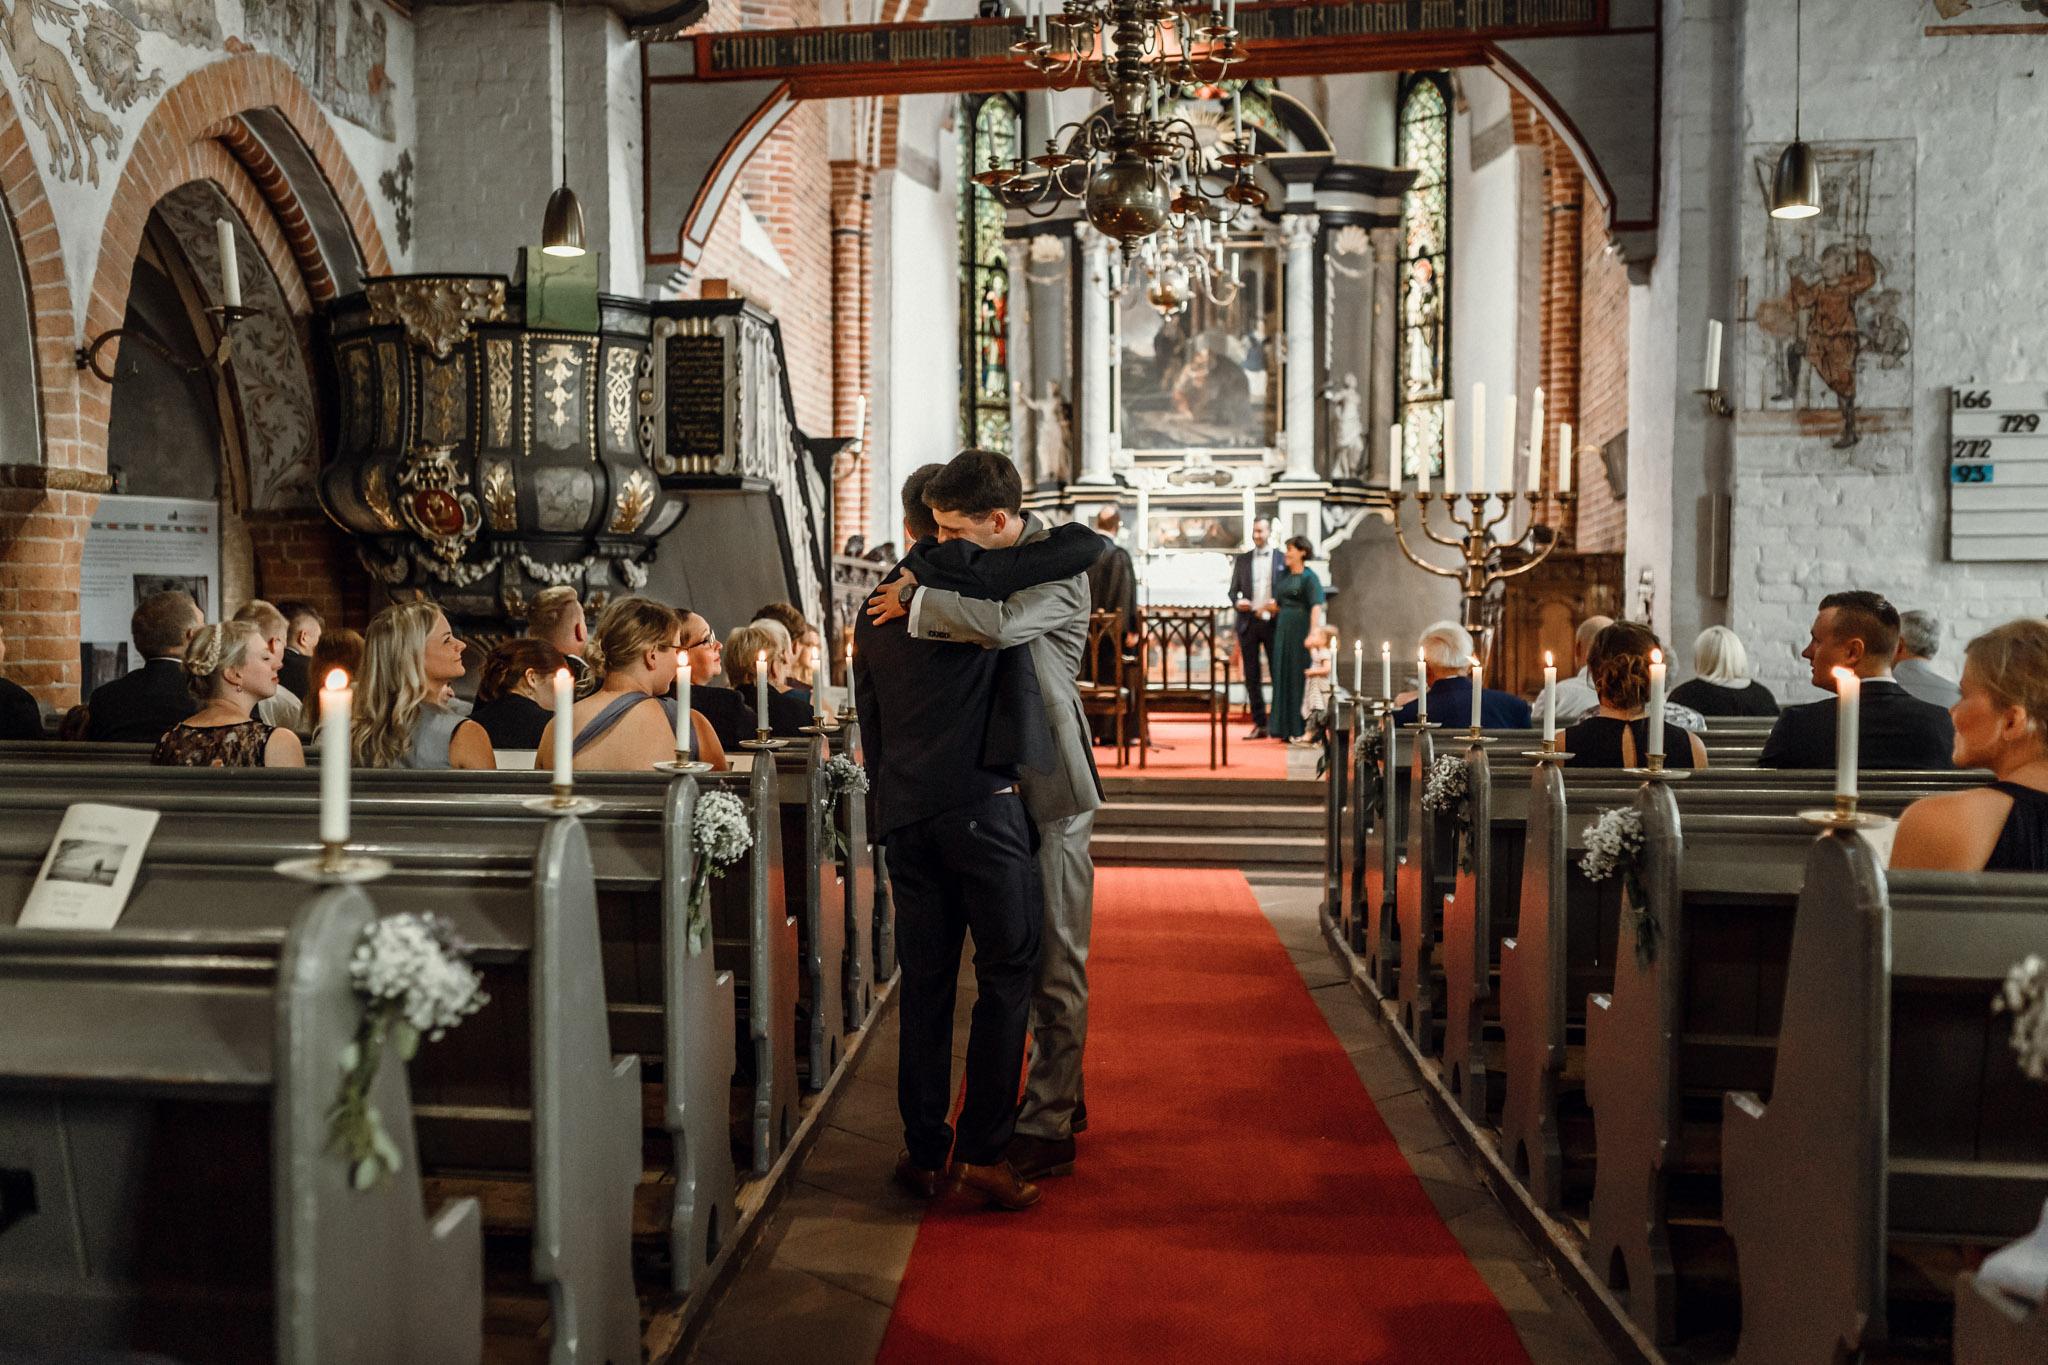 Sven Schomburg Hochzeitsfotografie, Hamburg, Mölln, Hochzeitsfieber by Photo-Schomburg, Hochzeitsreportage, Forsthaus Waldhusen, Braut, Bräutigam-21